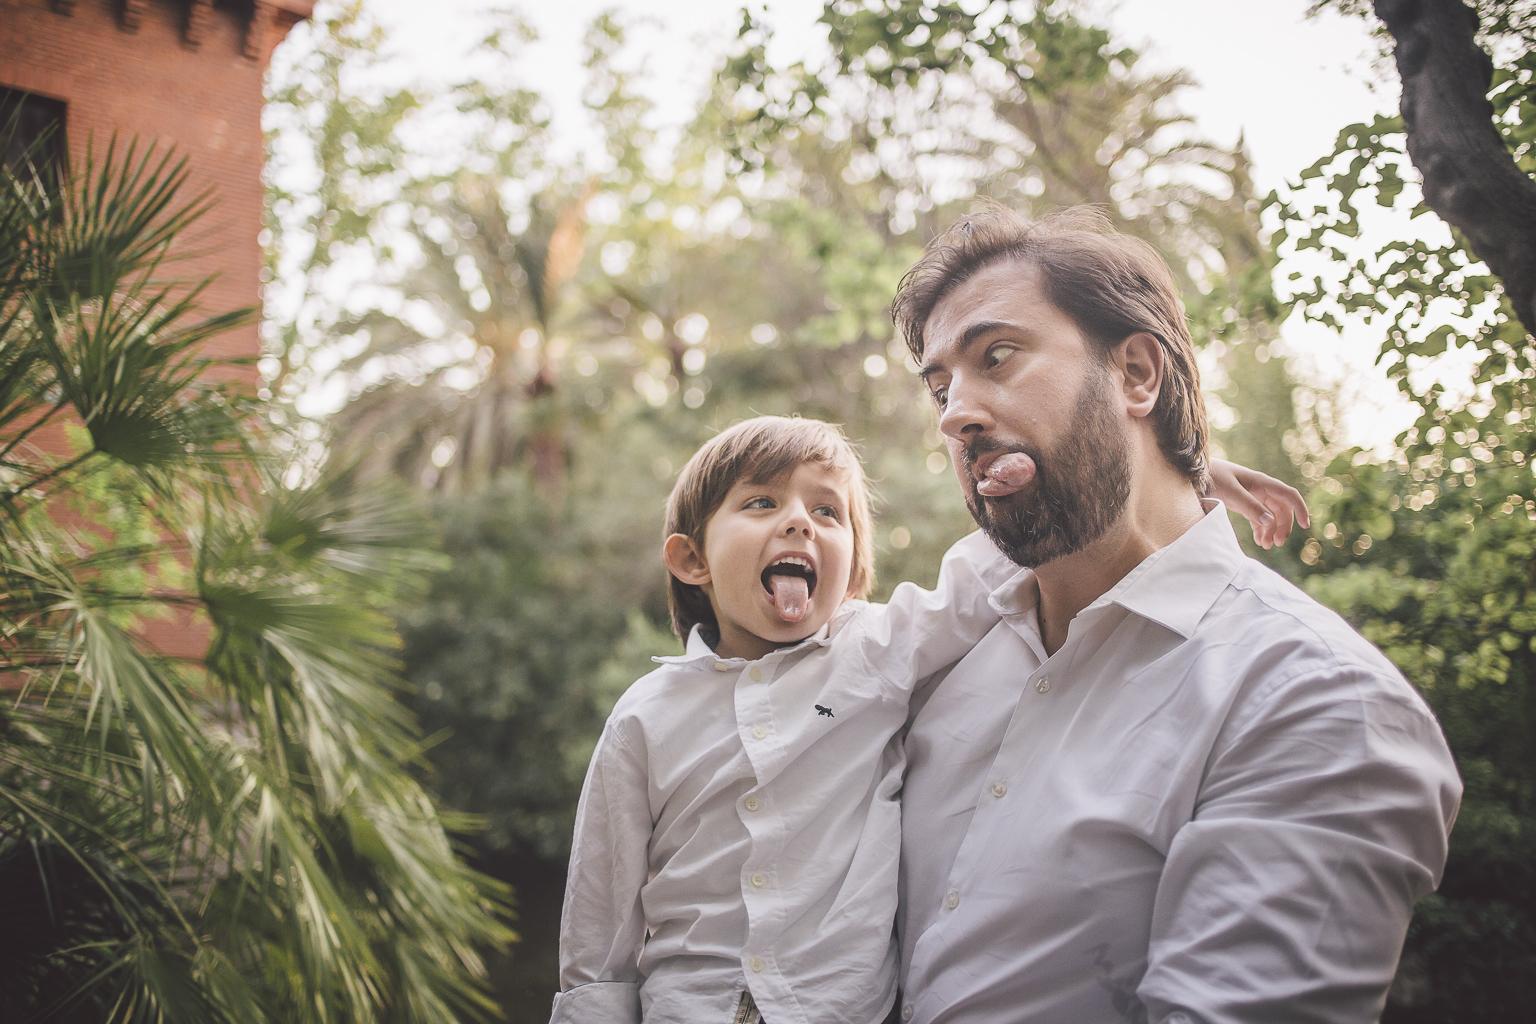 Fotógrafo de embarazo :: Badalona, parque Can Solei - Ca l'Arnús :: fotógrafo embarazo badalona :: fotógrafo familiar :: fotografía natural :: Puesta de sol :: Atardecer :: fotografía divertida familiar :: Can Solei :: Ca l'Arnús